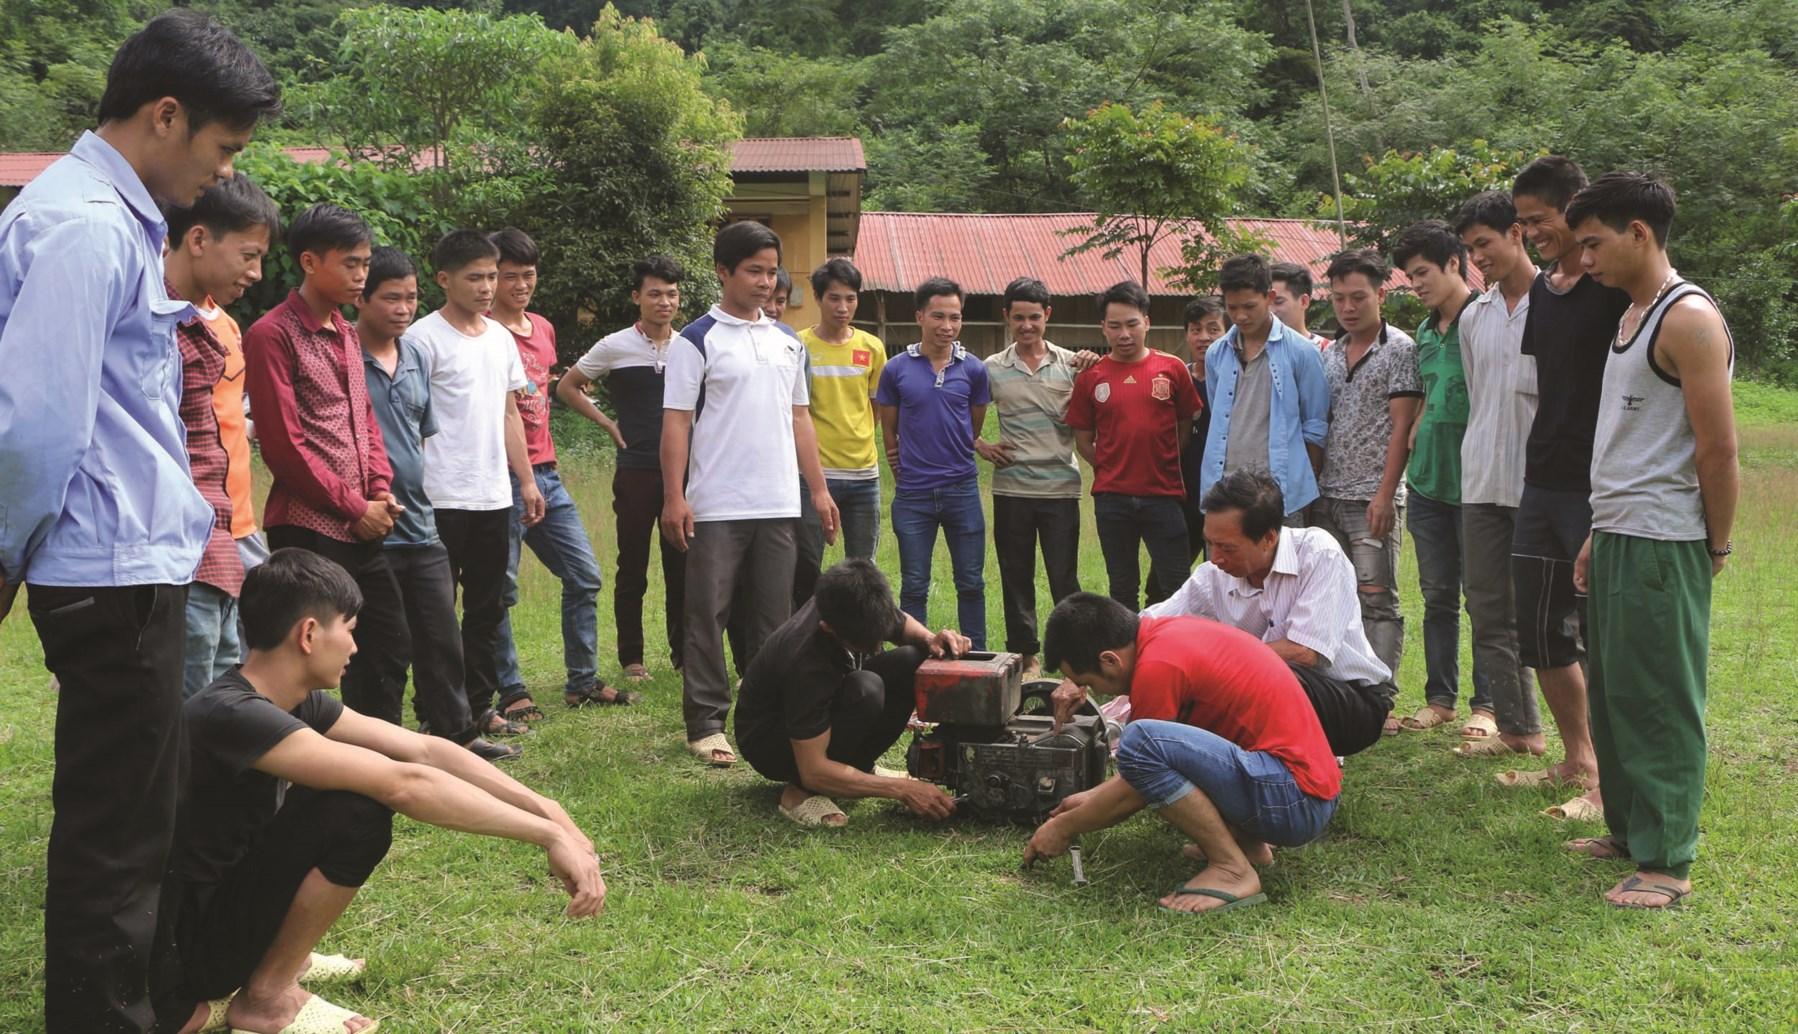 Nông dân huyện Na Hang kiểm tra máy nông nghiệp trước khi hoạt động.